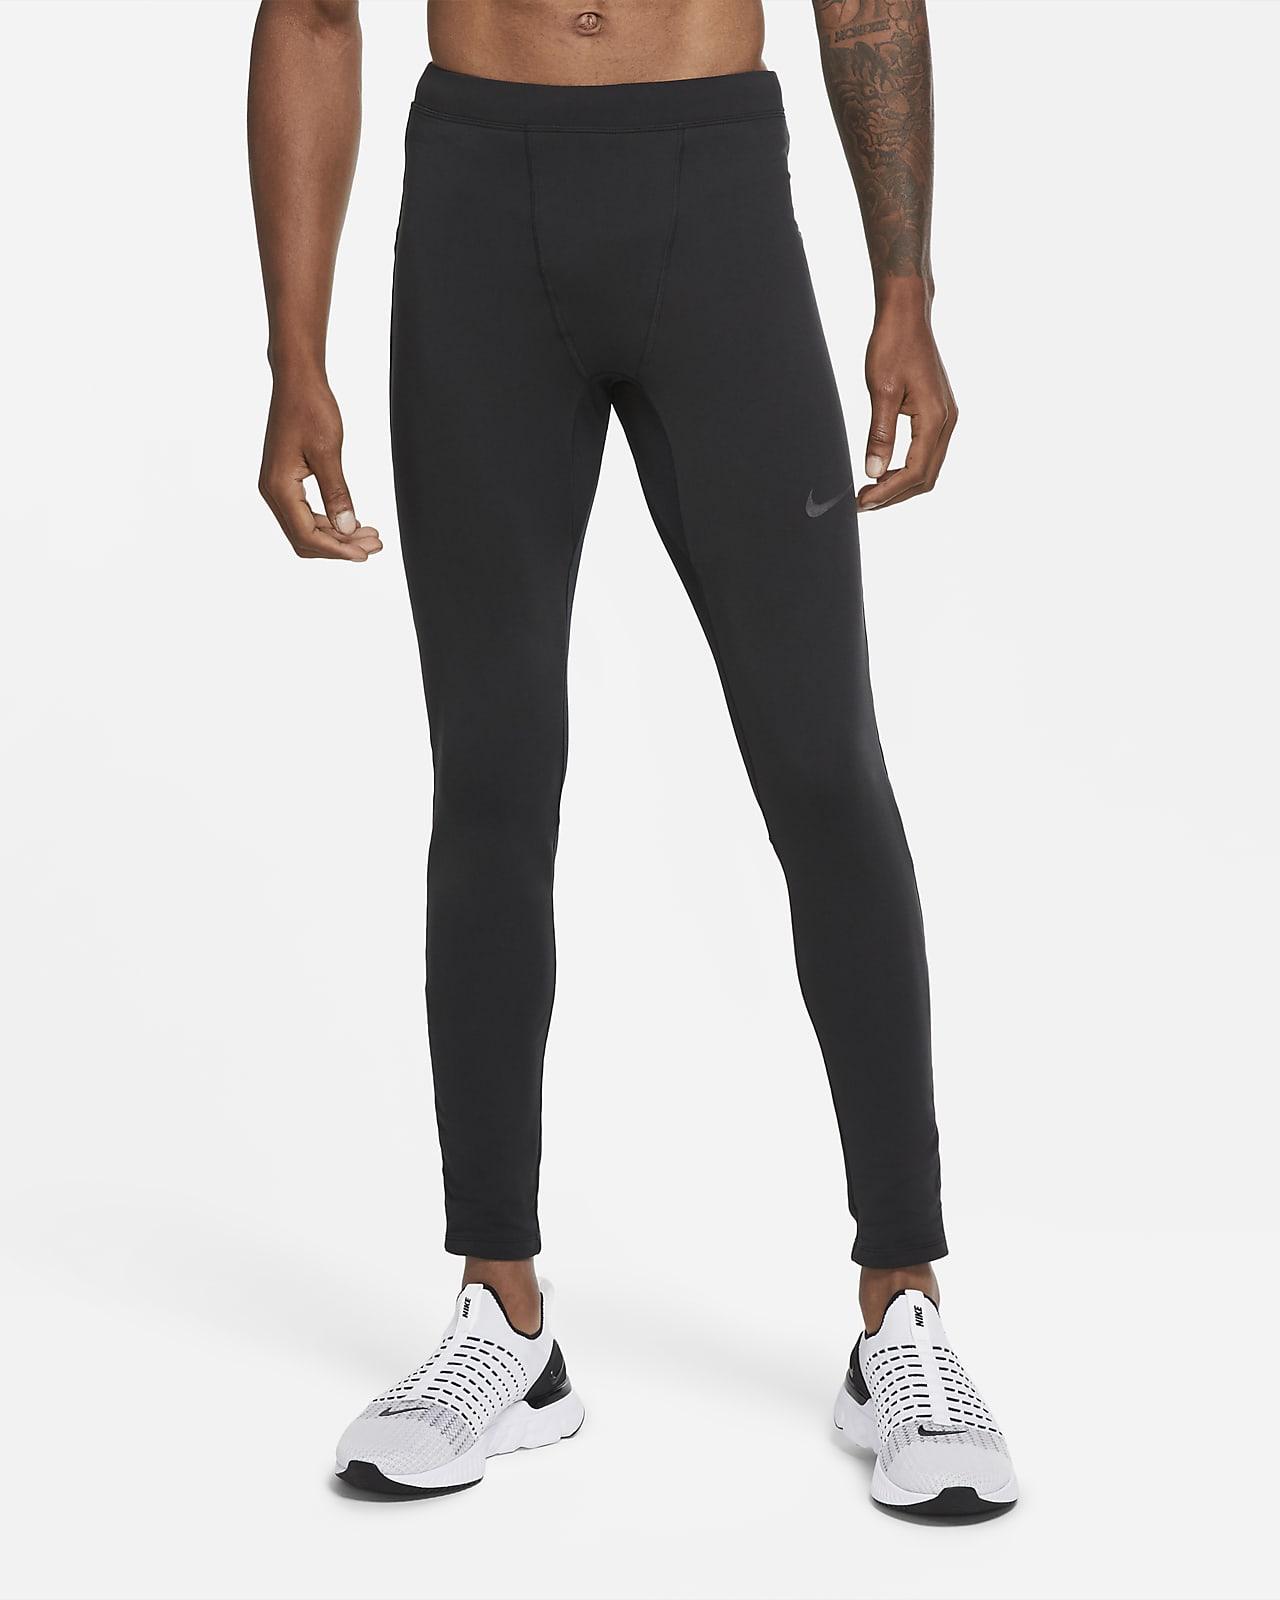 Męskie legginsy termiczne do biegania Nike Run